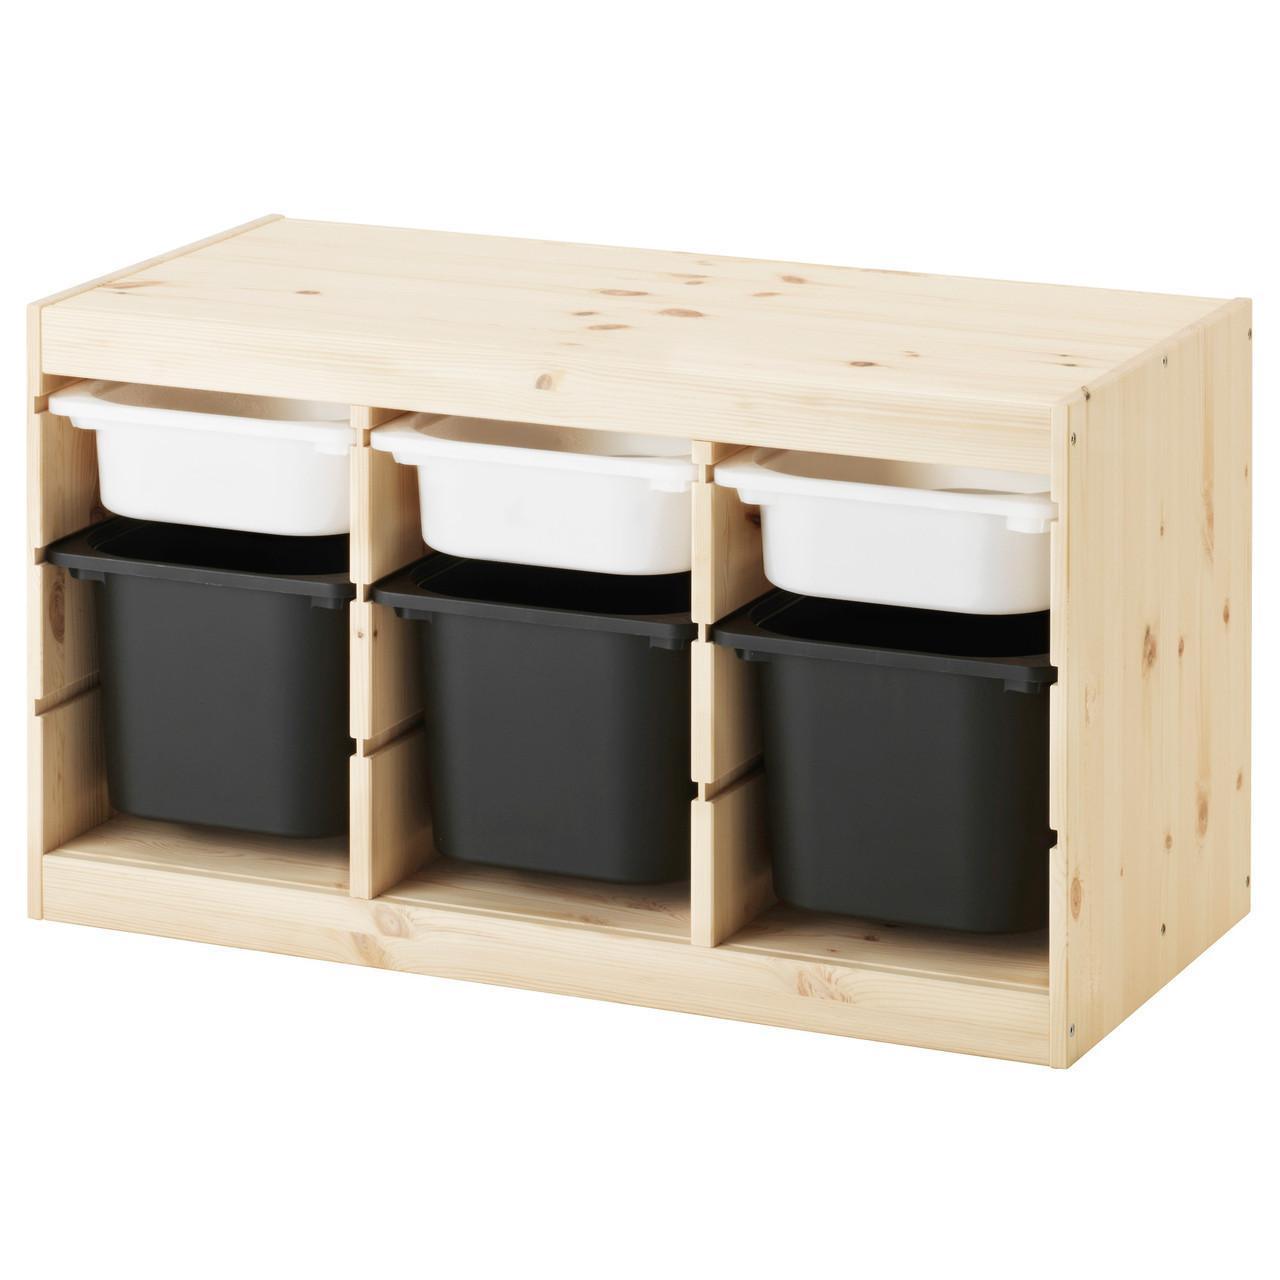 TROFAST Стелаж з контейнерами, сосна білий, чорний 891.026.32